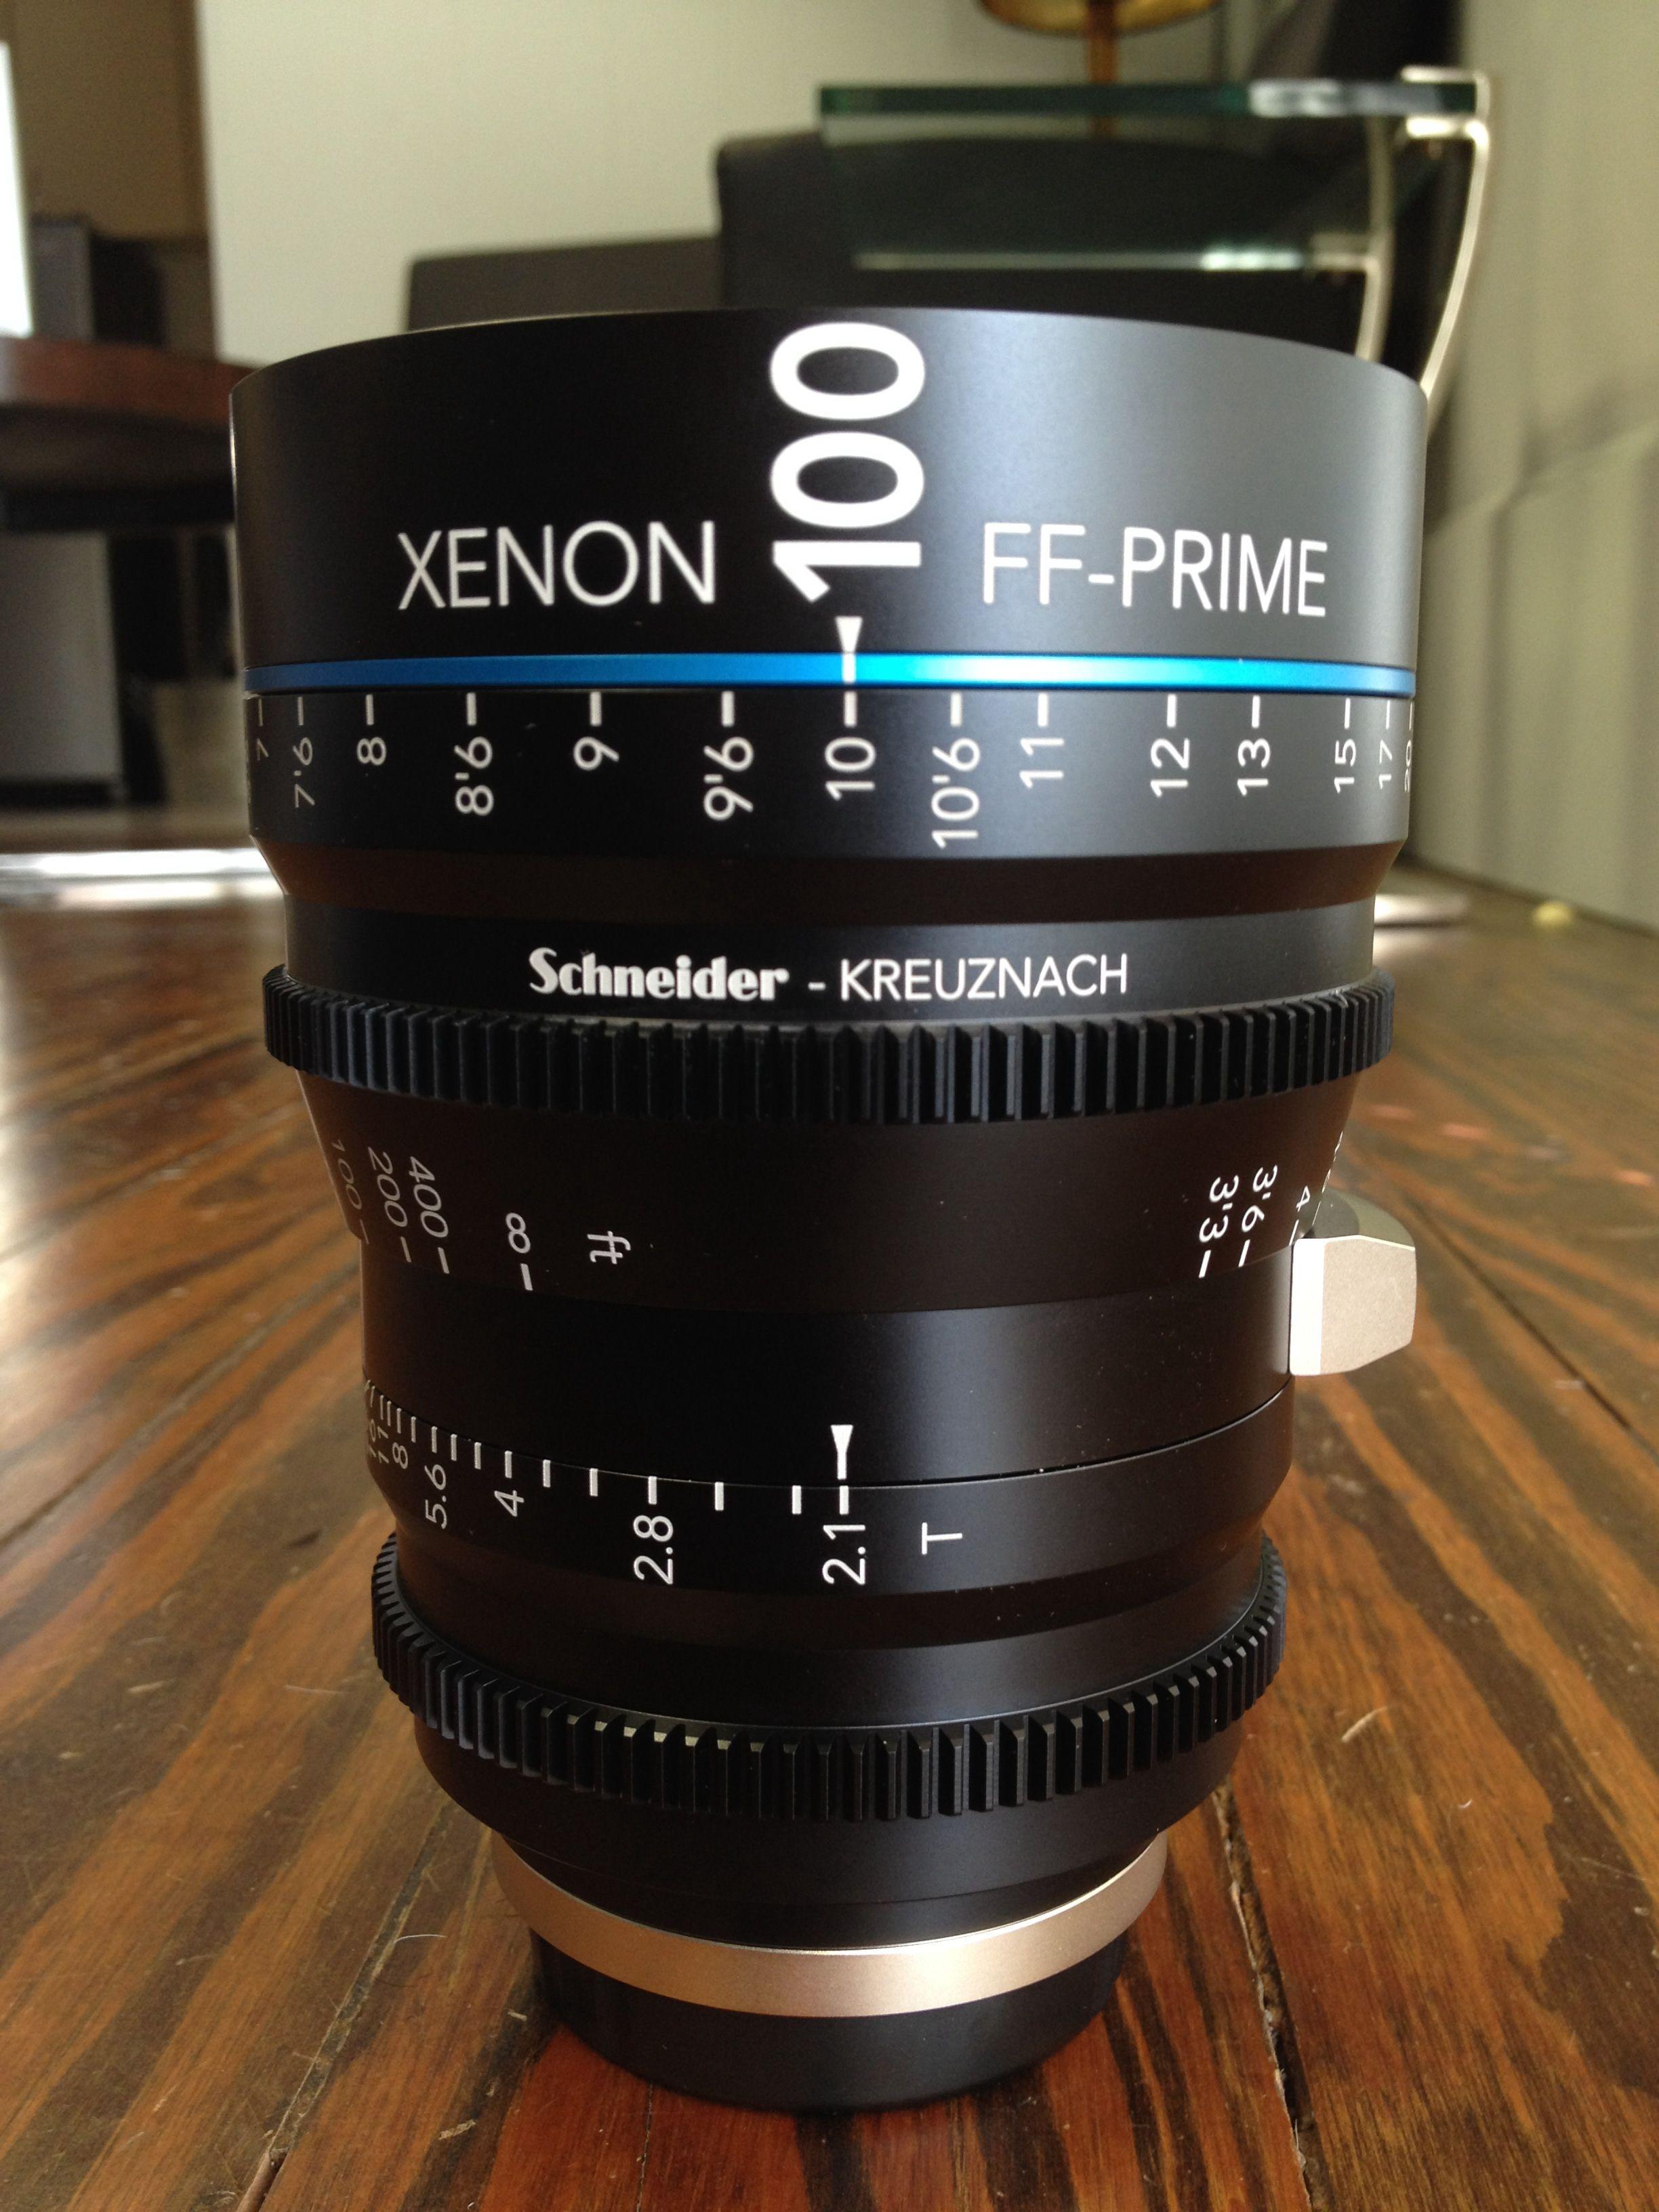 Schneider 100mm Xenon Ff Prime Xn 2 1 100 Feet Canon Texas Media Systems Camera Hacks Cinema Camera Canon Lens